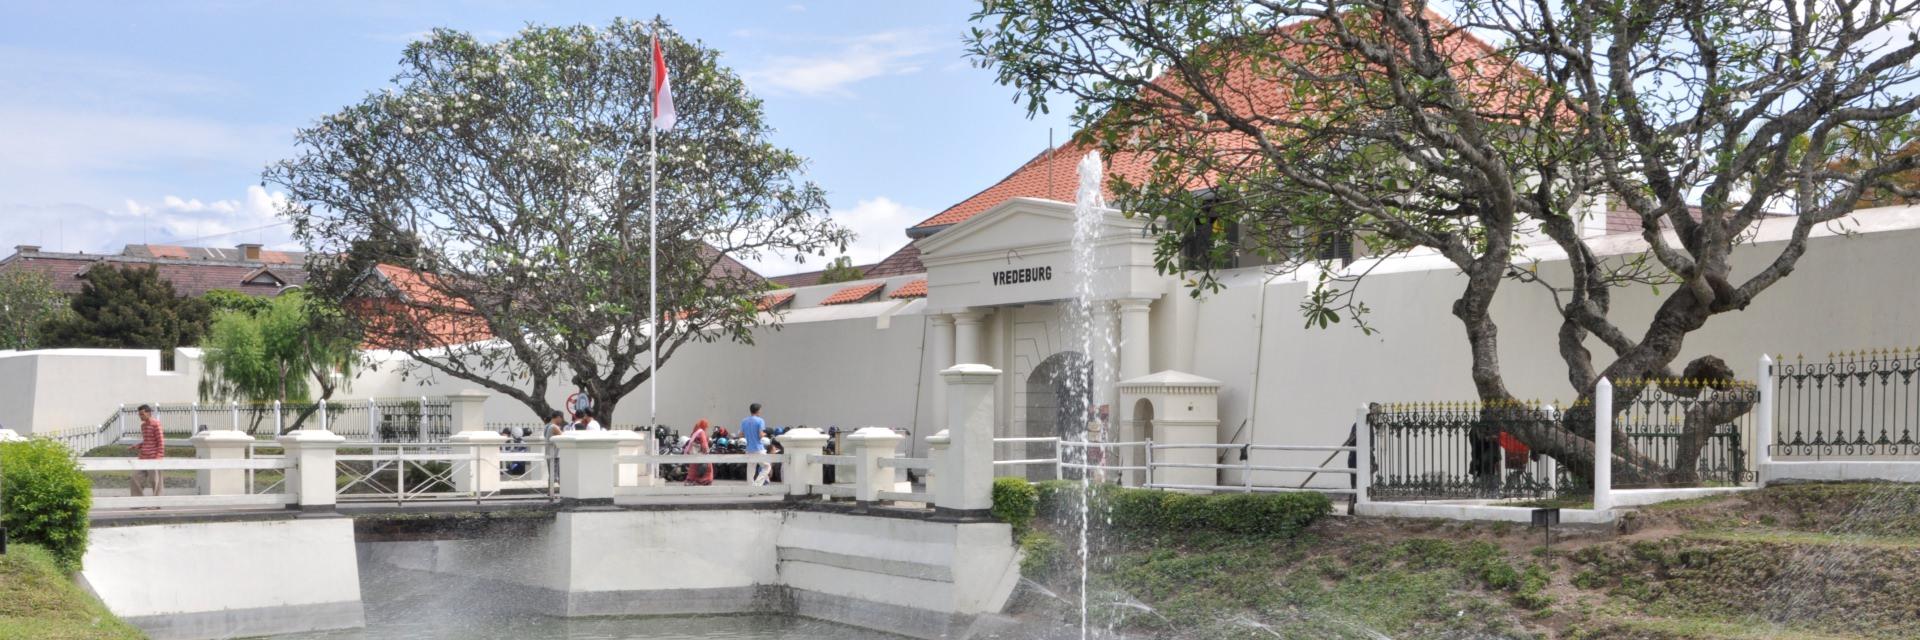 10 Tempat Horor Yogyakarta 10 Tempat Horor Yogyakarta - Dolan Dolen